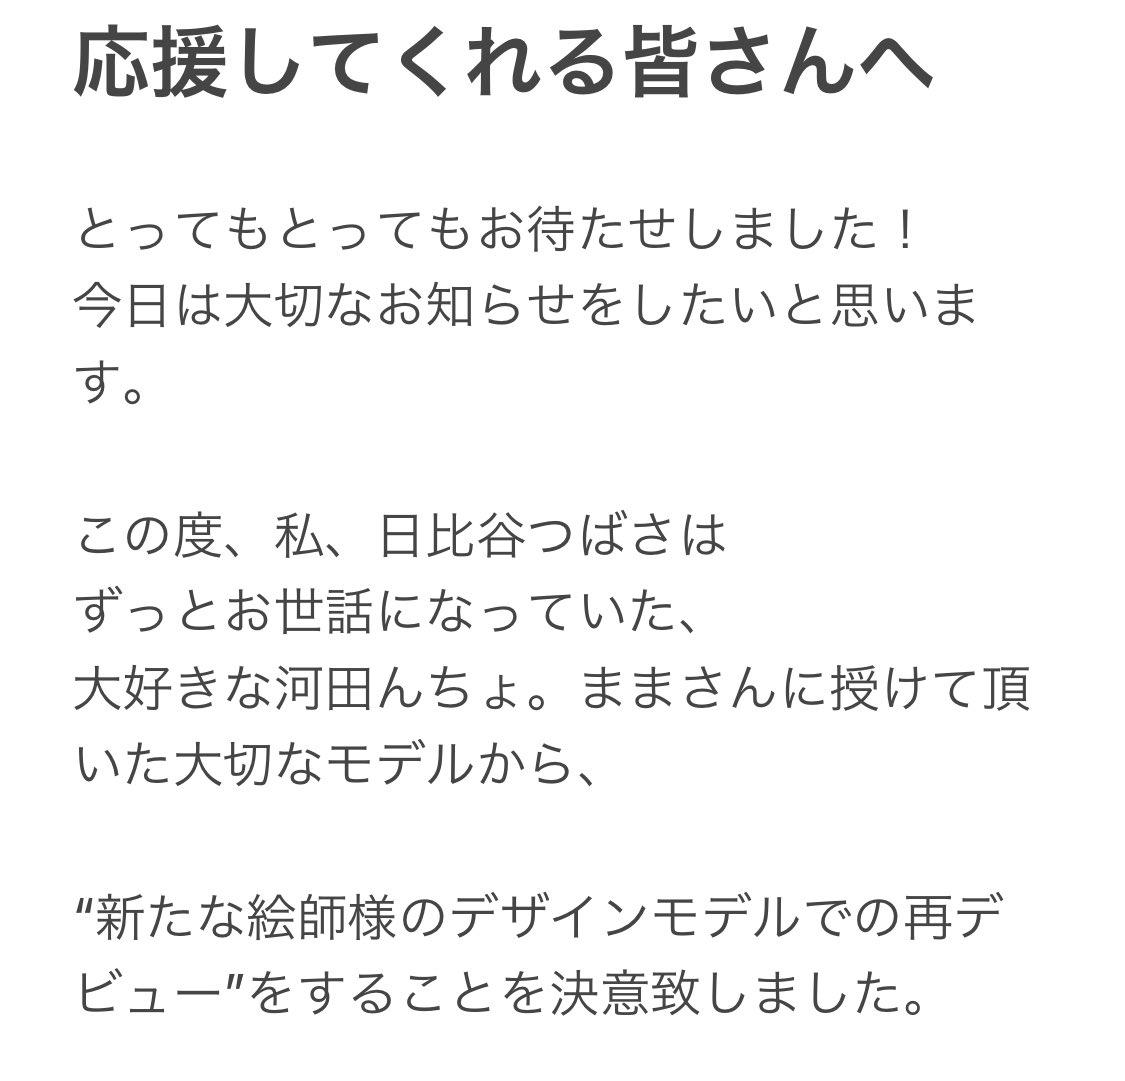 KMWorks_komura photo